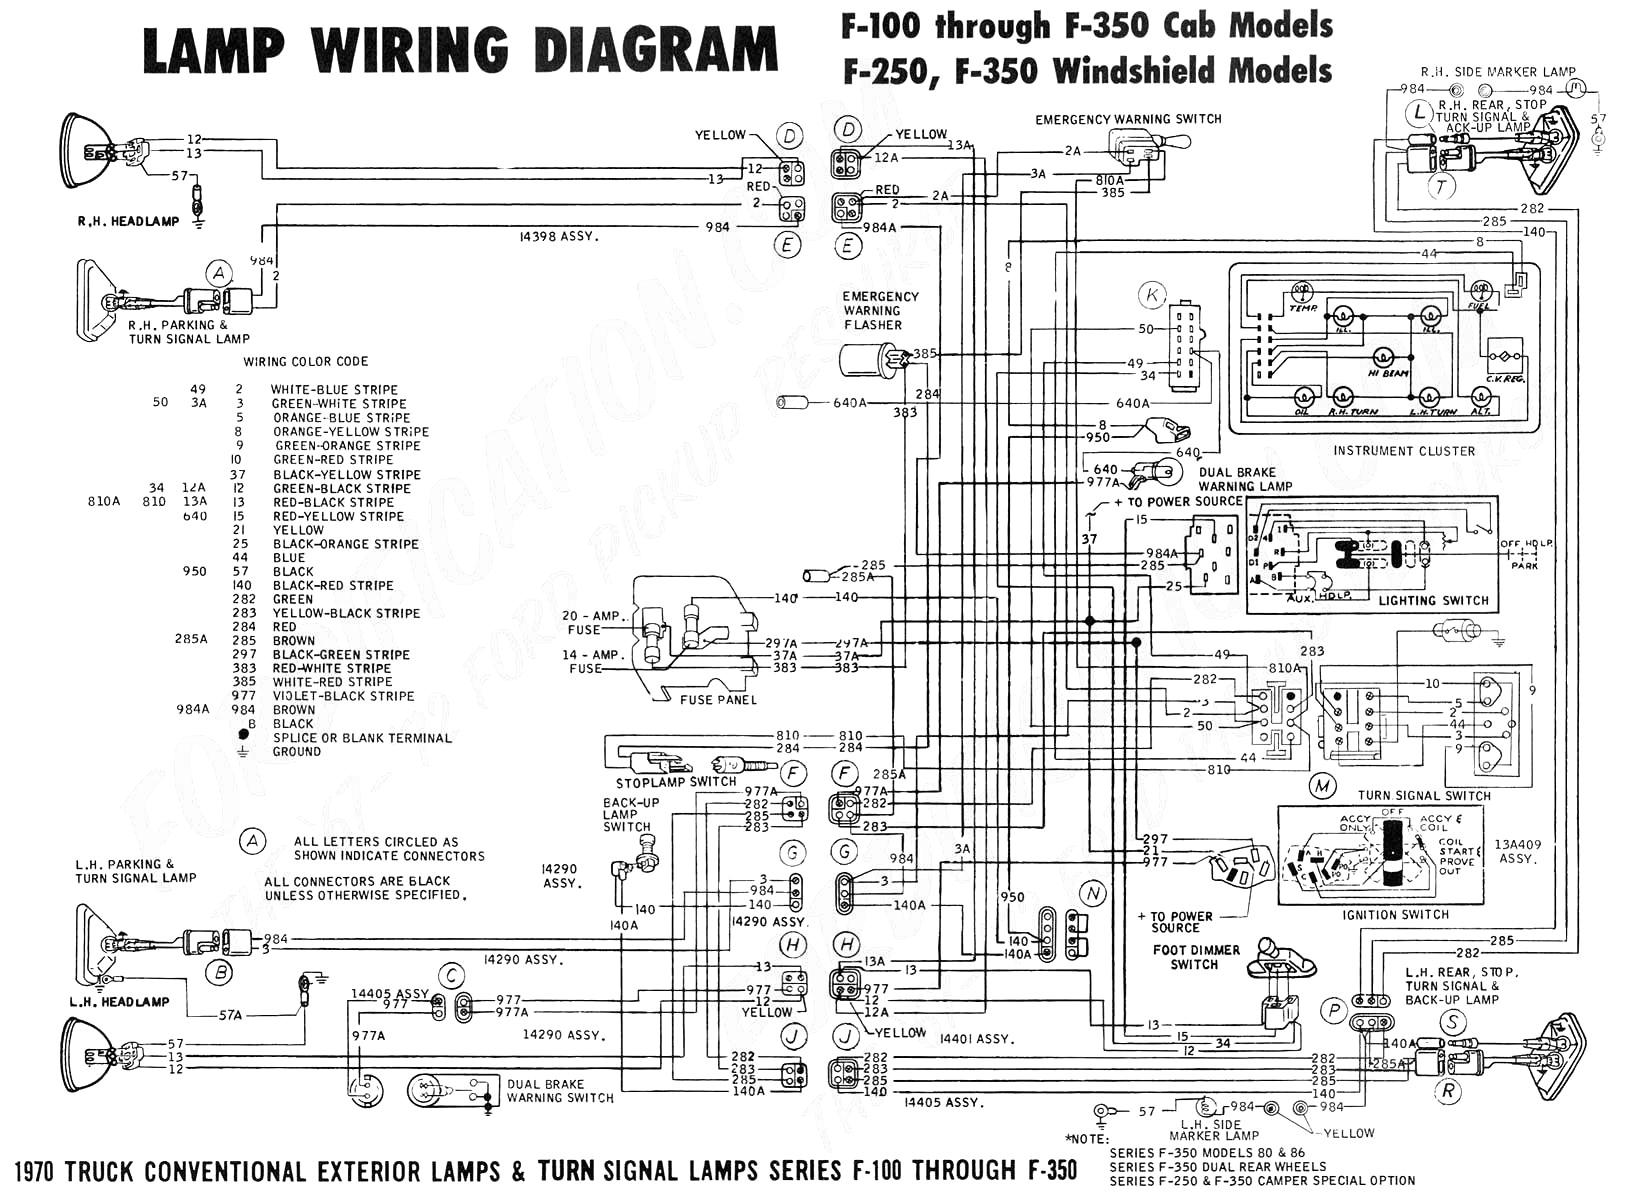 99 ford taurus wiring diagram wiring diagram database 2003 ford taurus wiring diagram pdf ford taurus